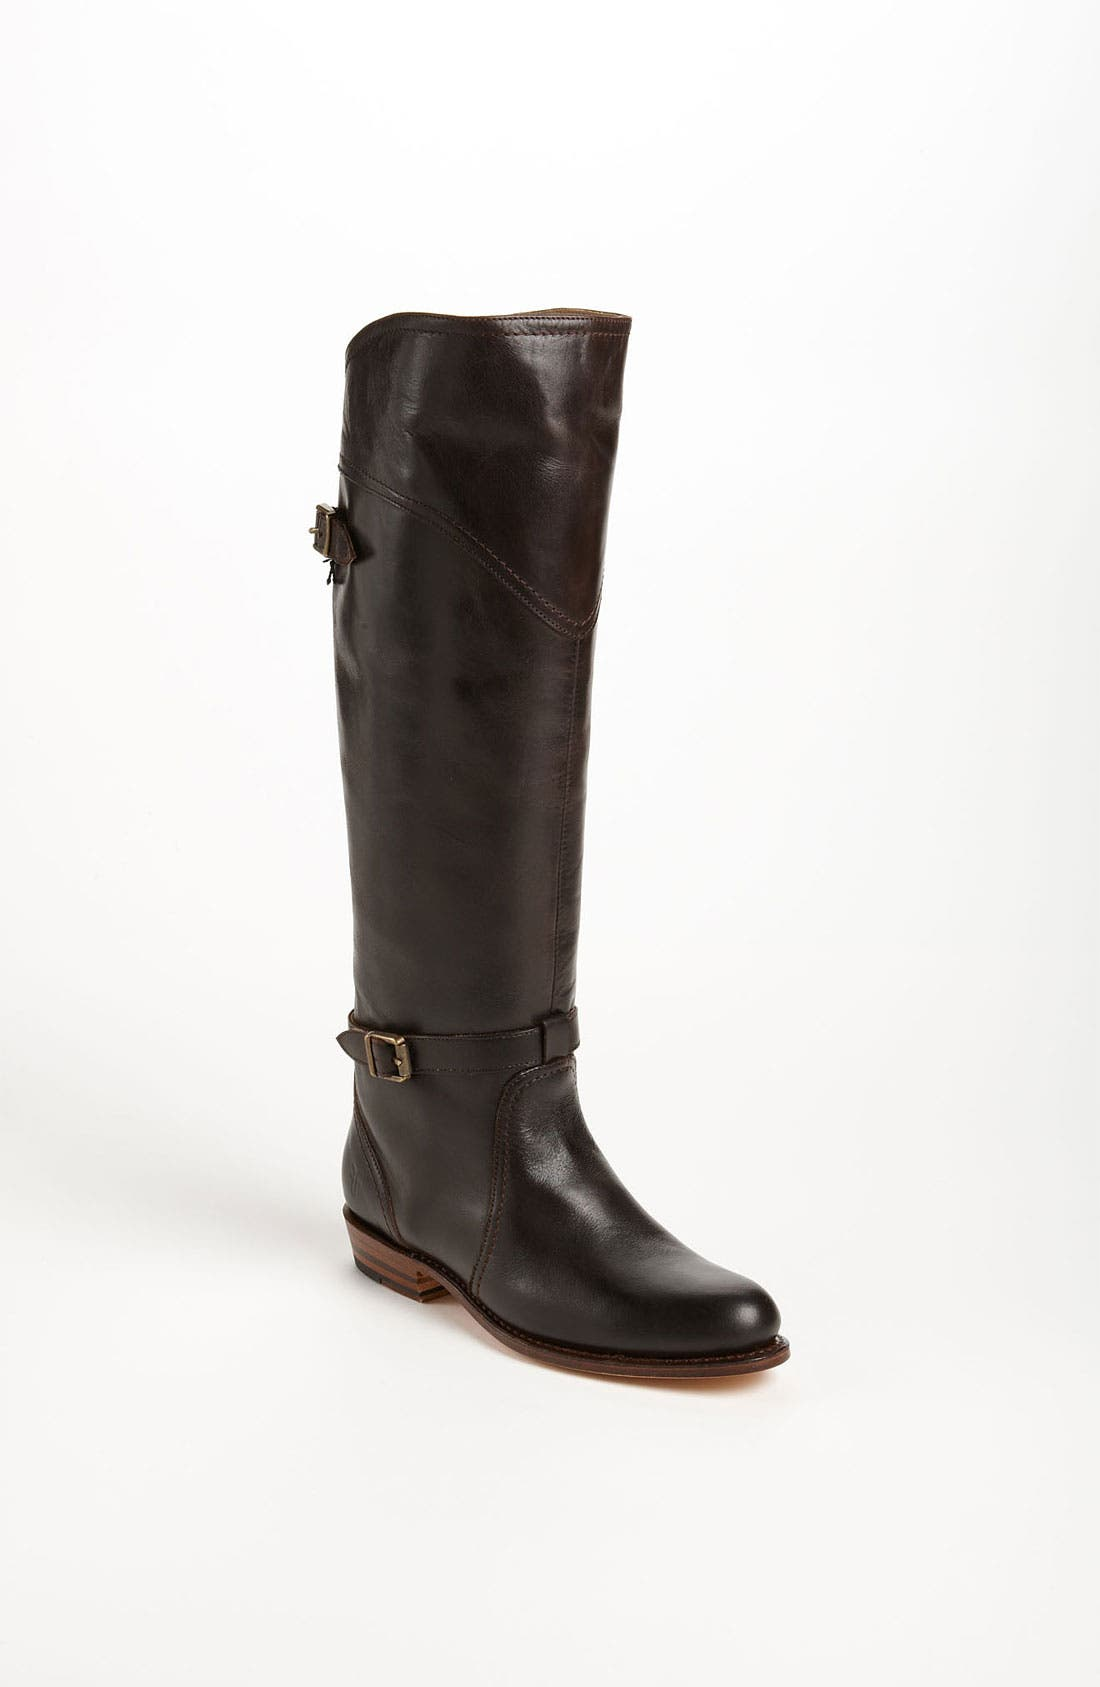 Alternate Image 1 Selected - Frye 'Dorado' Riding Boot (Regular Retail Price: $547.95)